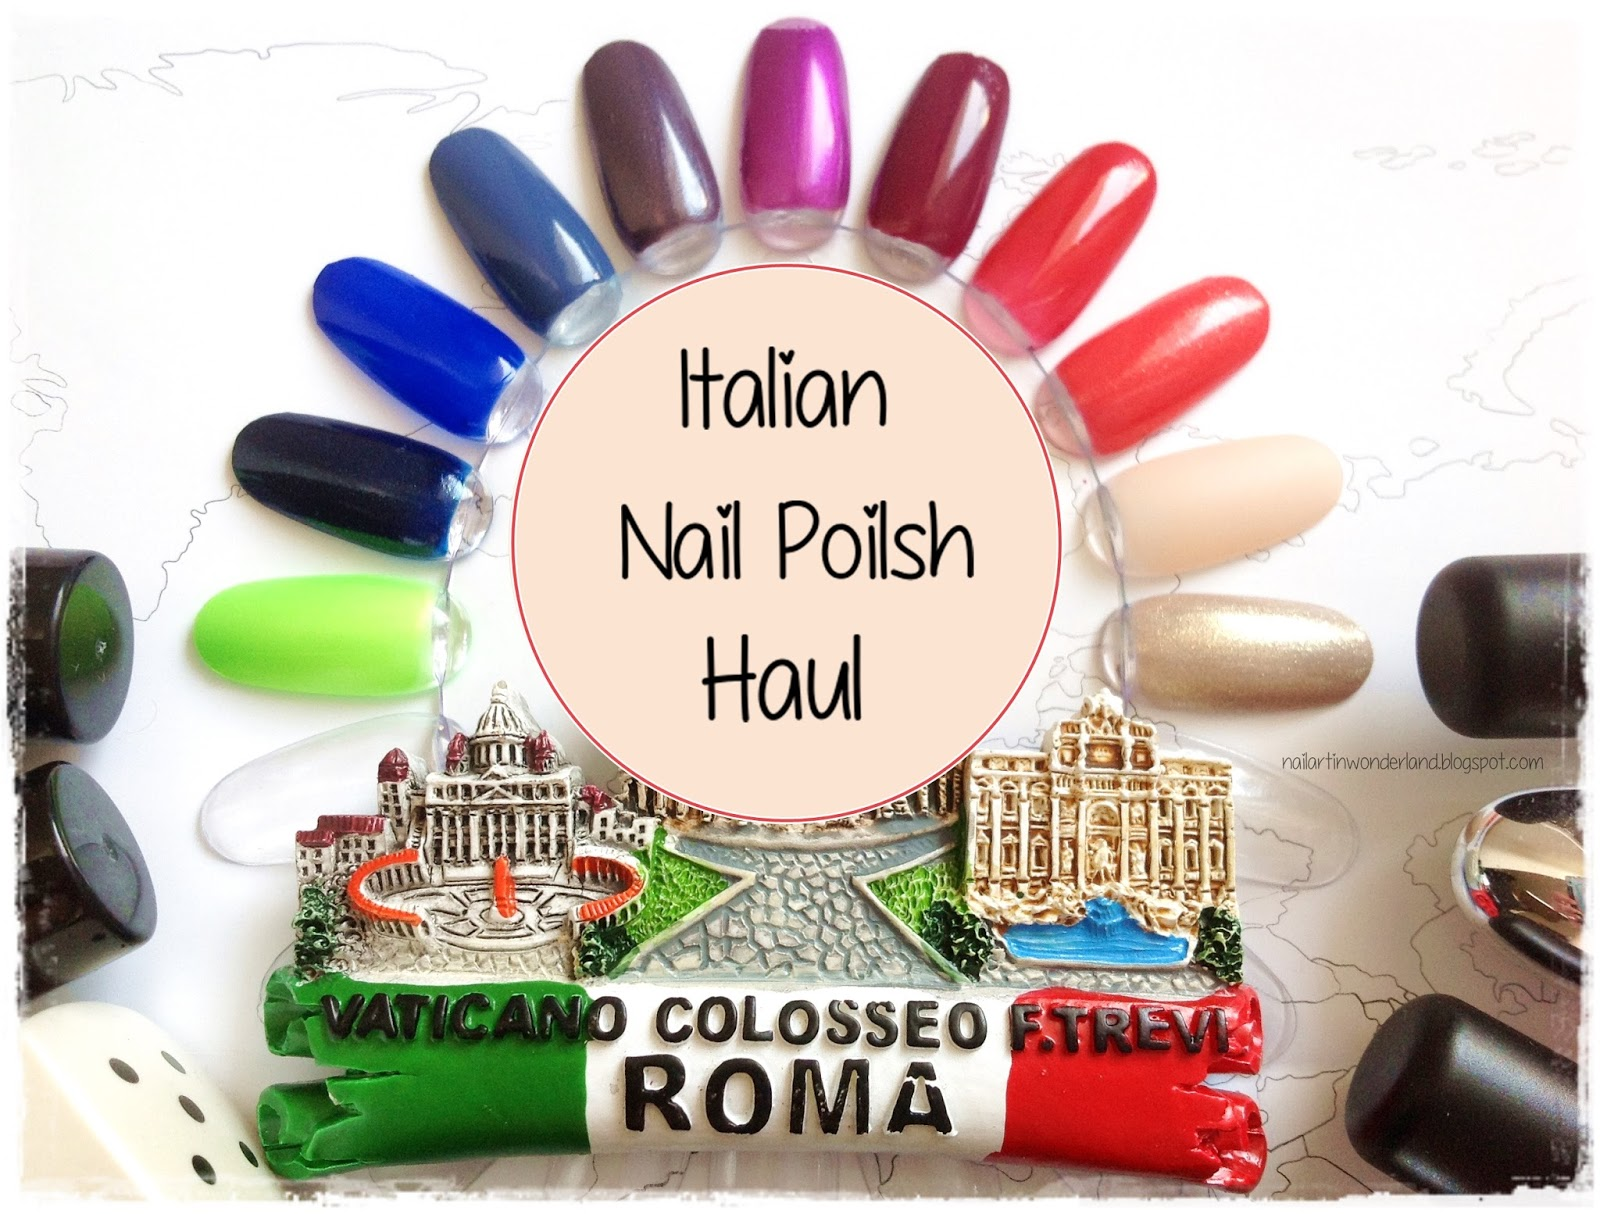 Nail Art in Wonderland: İtalya Oje Alışverişi / Italian Nail Polish Haul